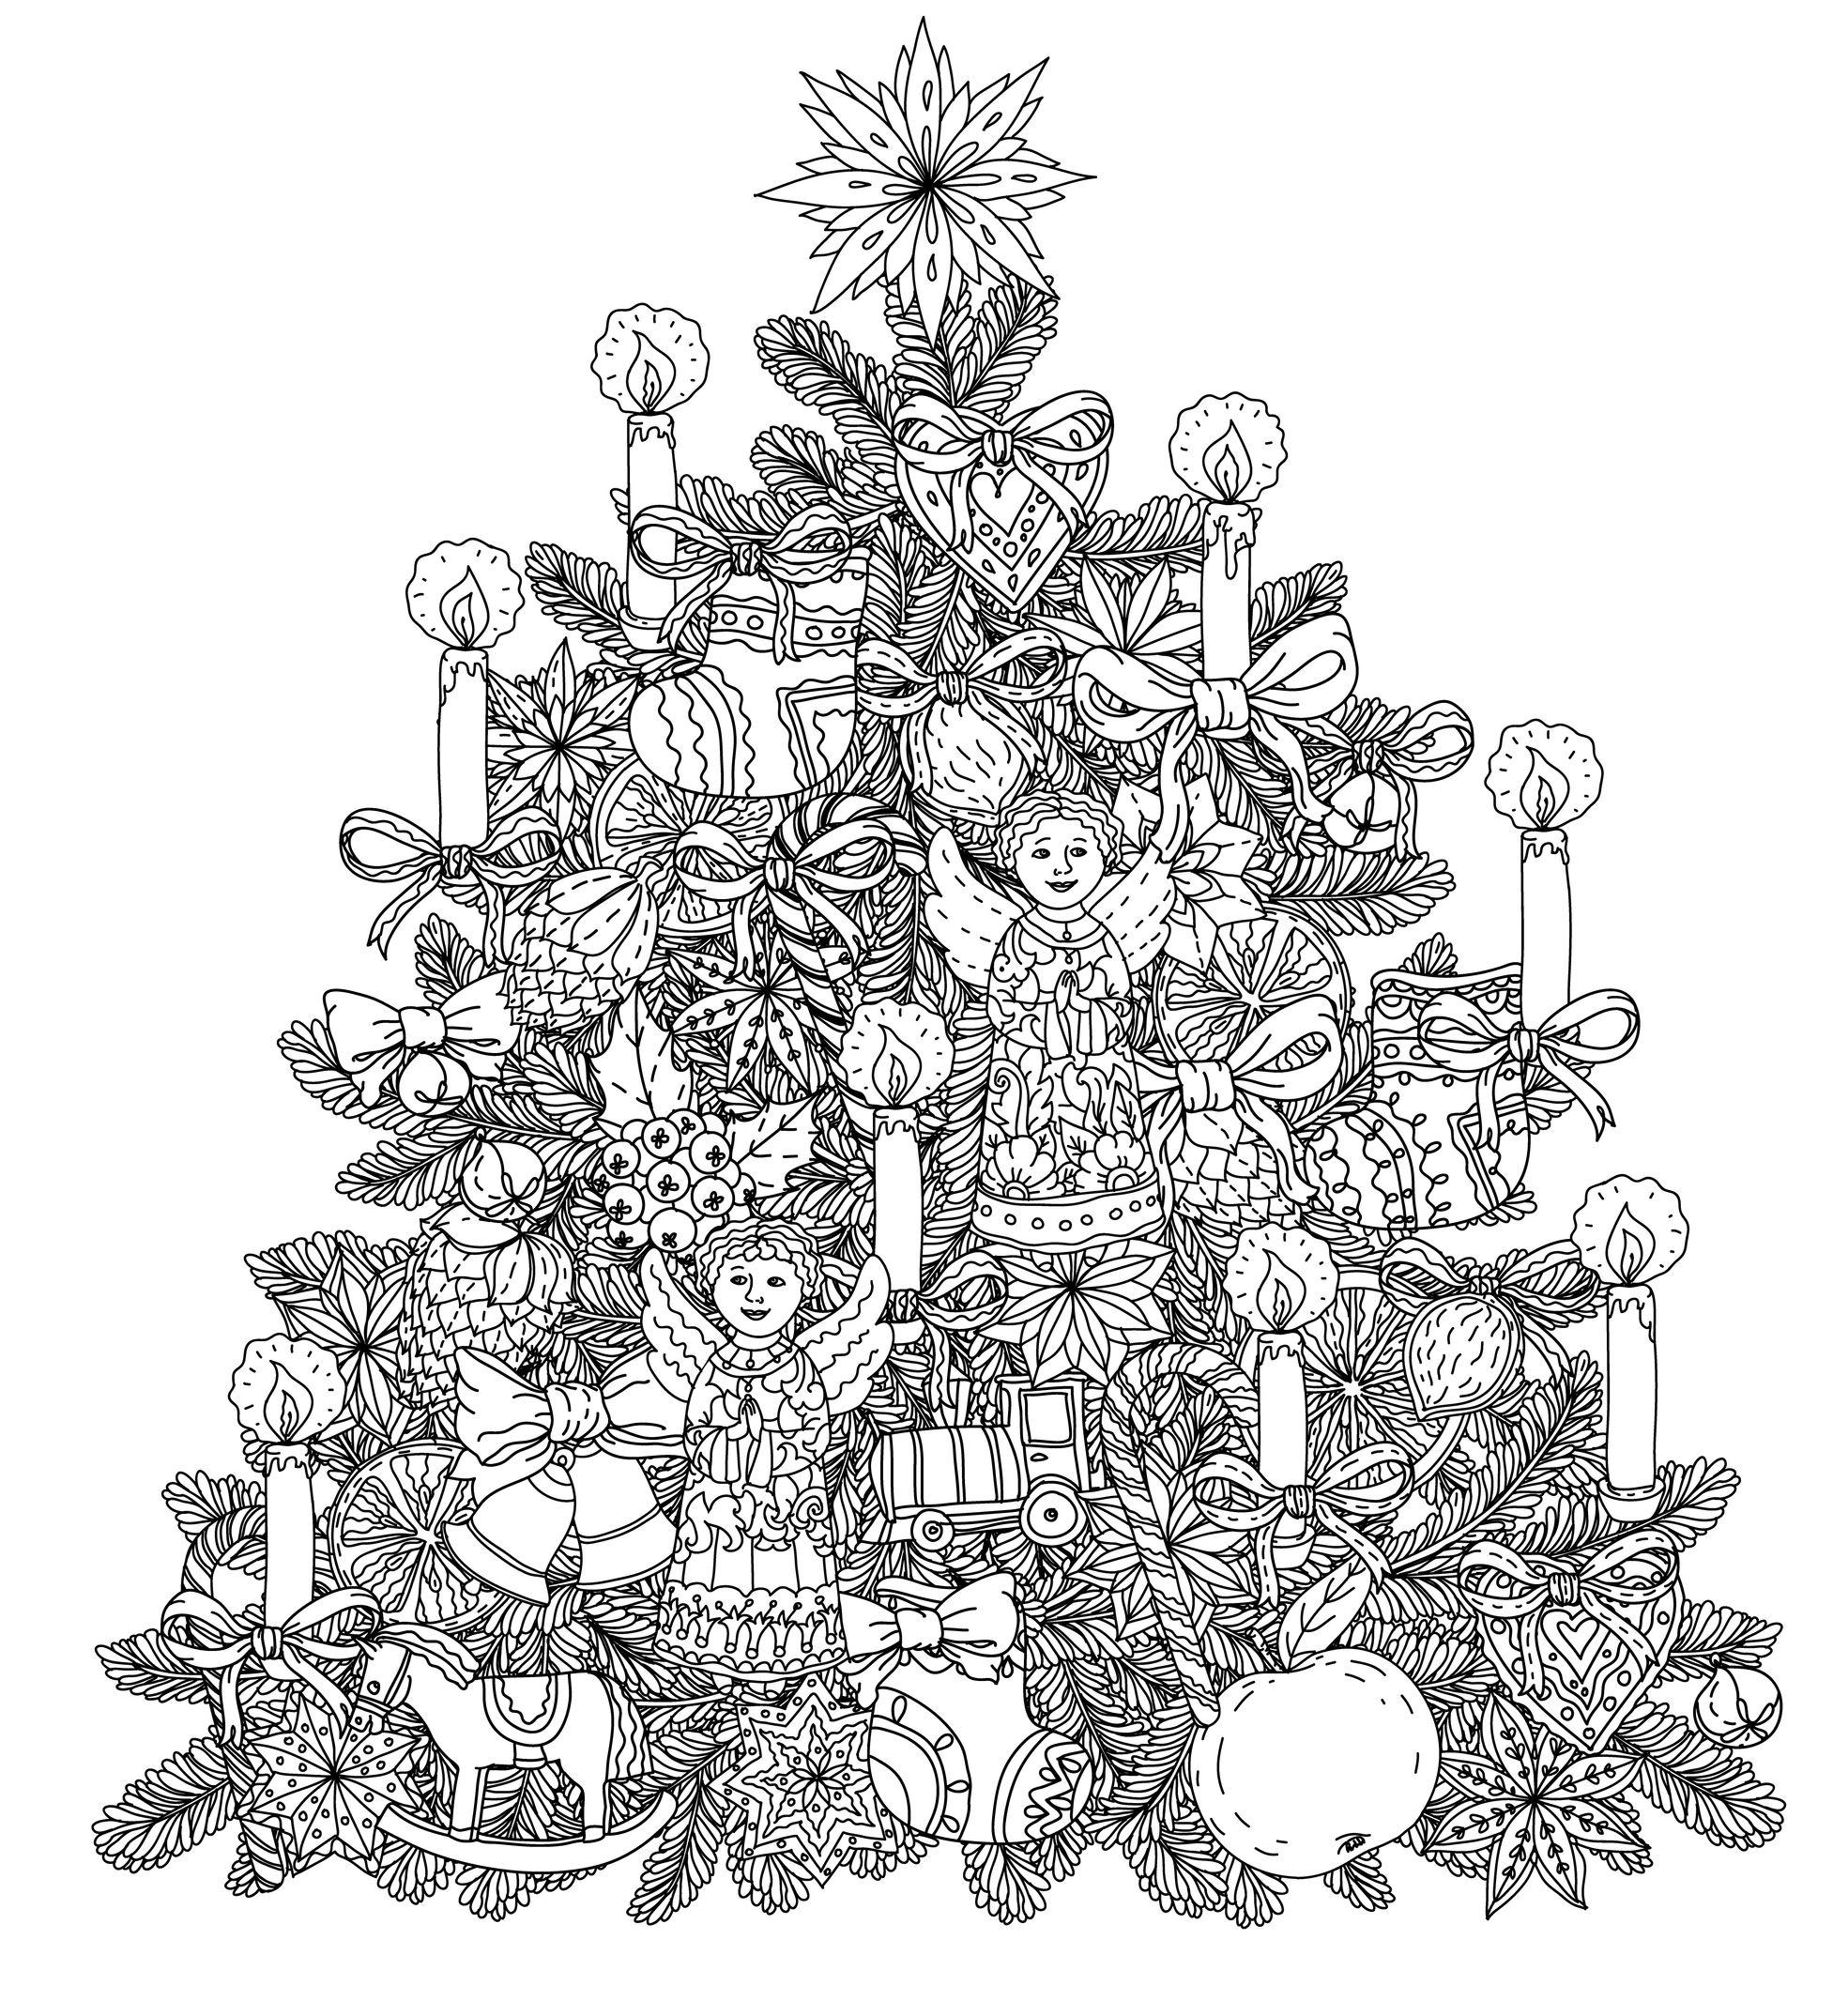 Noel enorme sapin coloriages de no l coloriages - Coloriage de noel ...